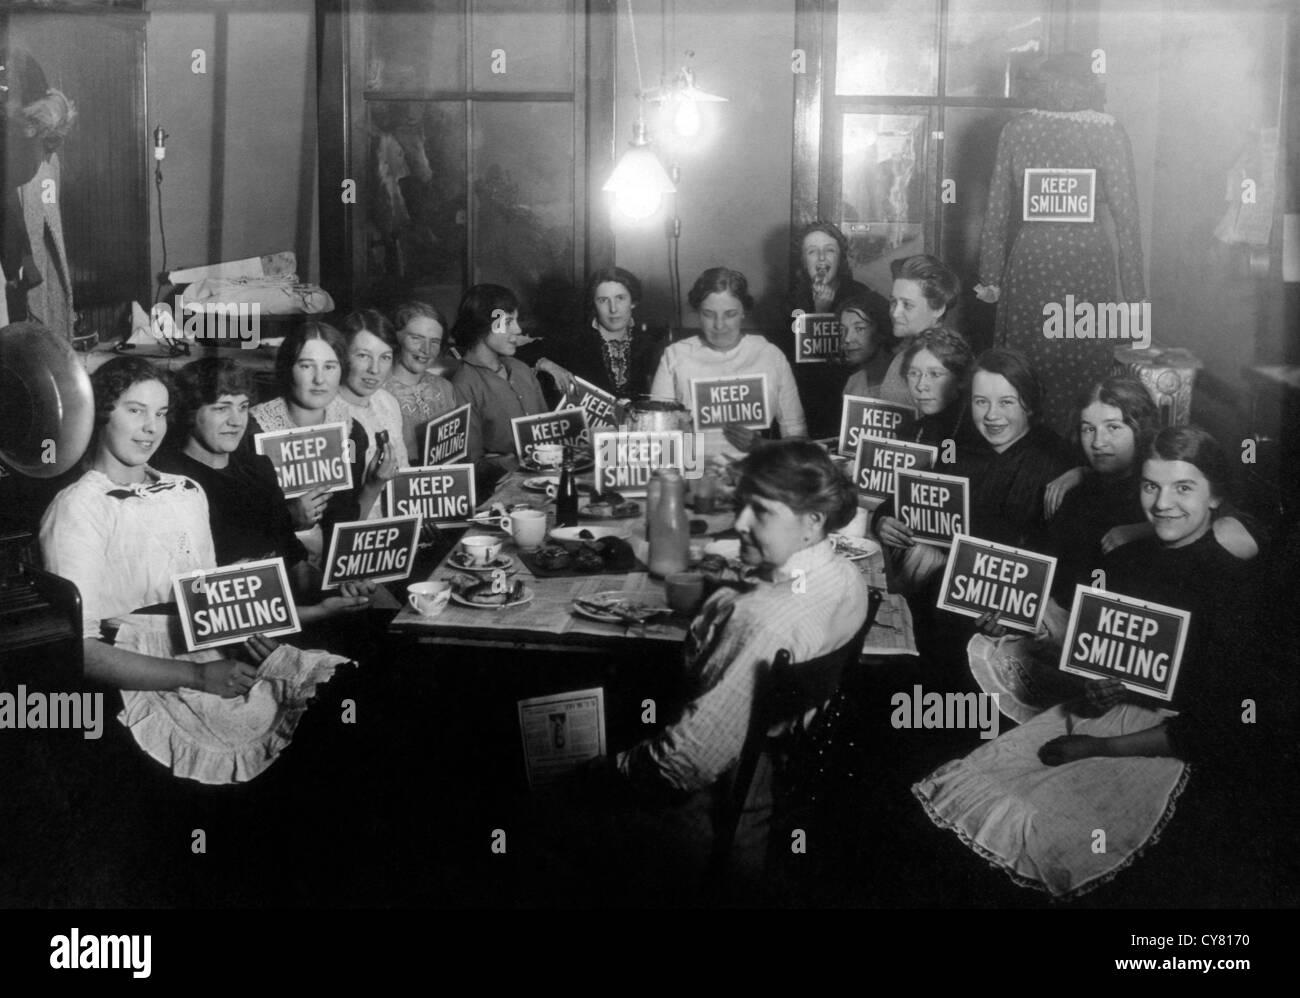 Costureiras no intervalo de almoço, Exploração manter sorrindo sinais, Circa 1914 Imagens de Stock